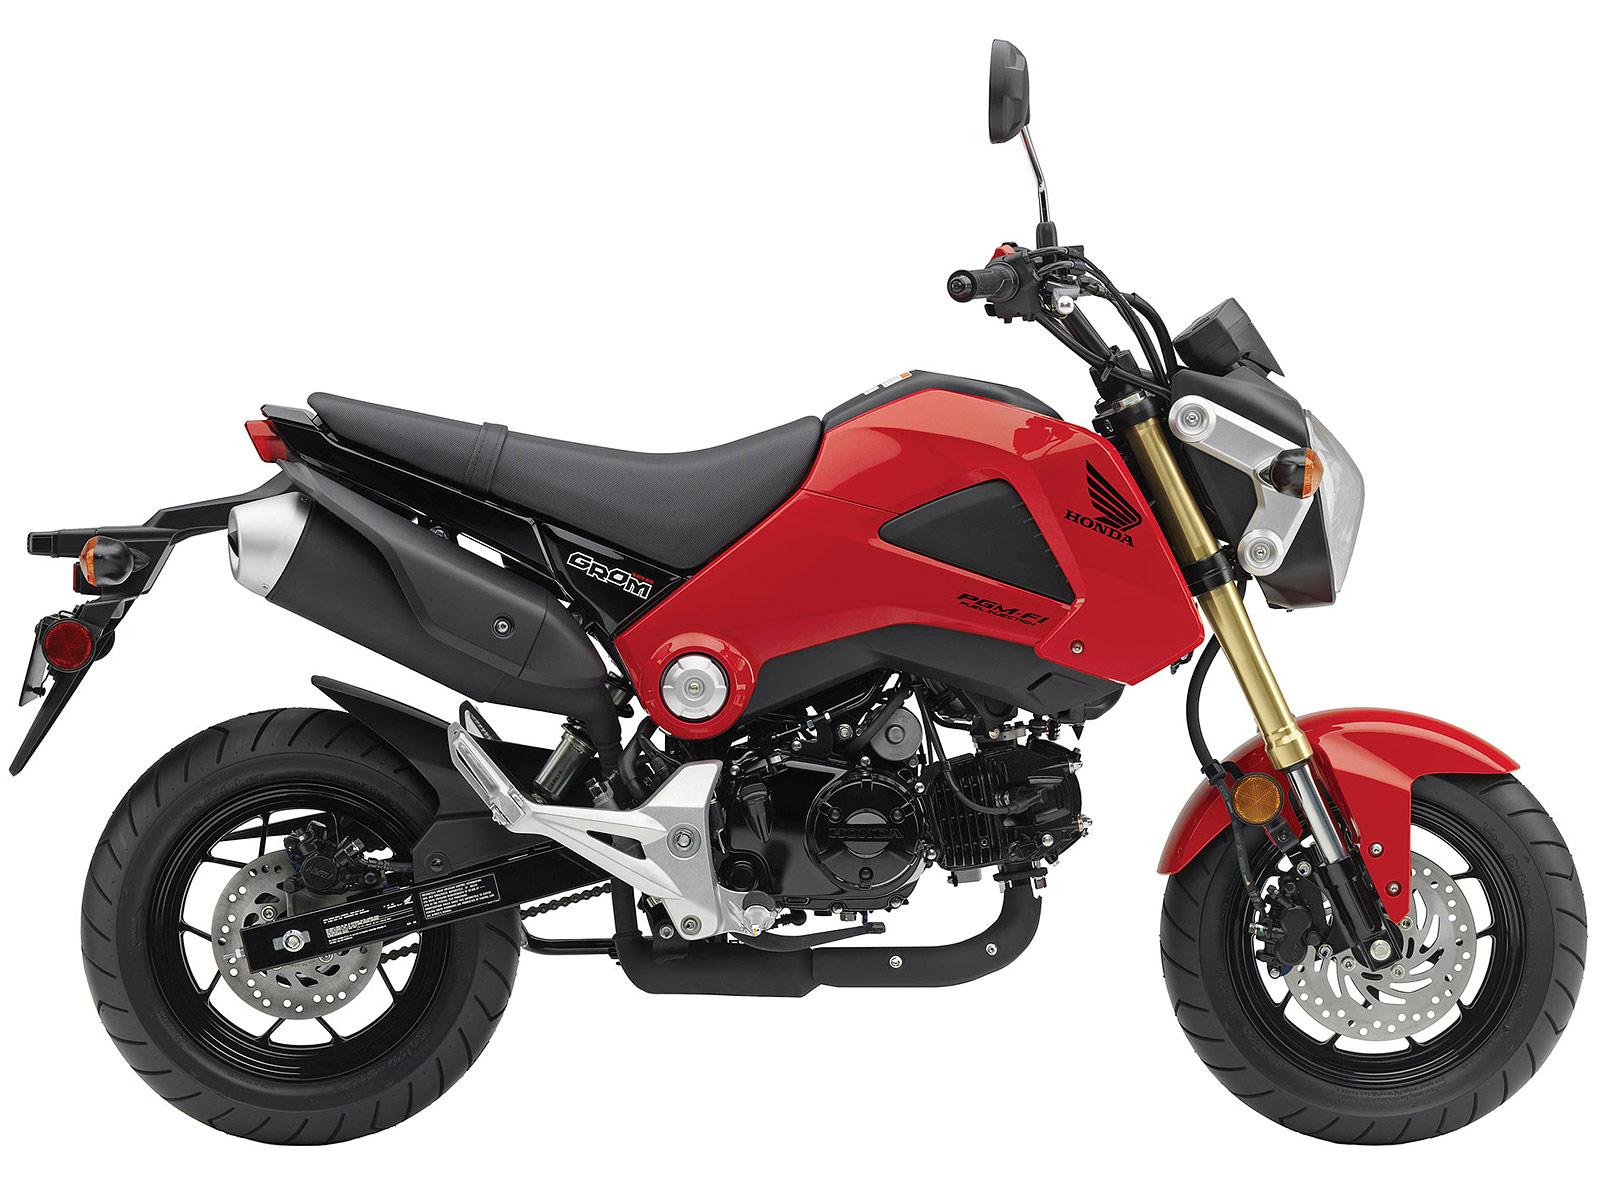 55 Gambar Motor Honda F 125 Info Terpopuler